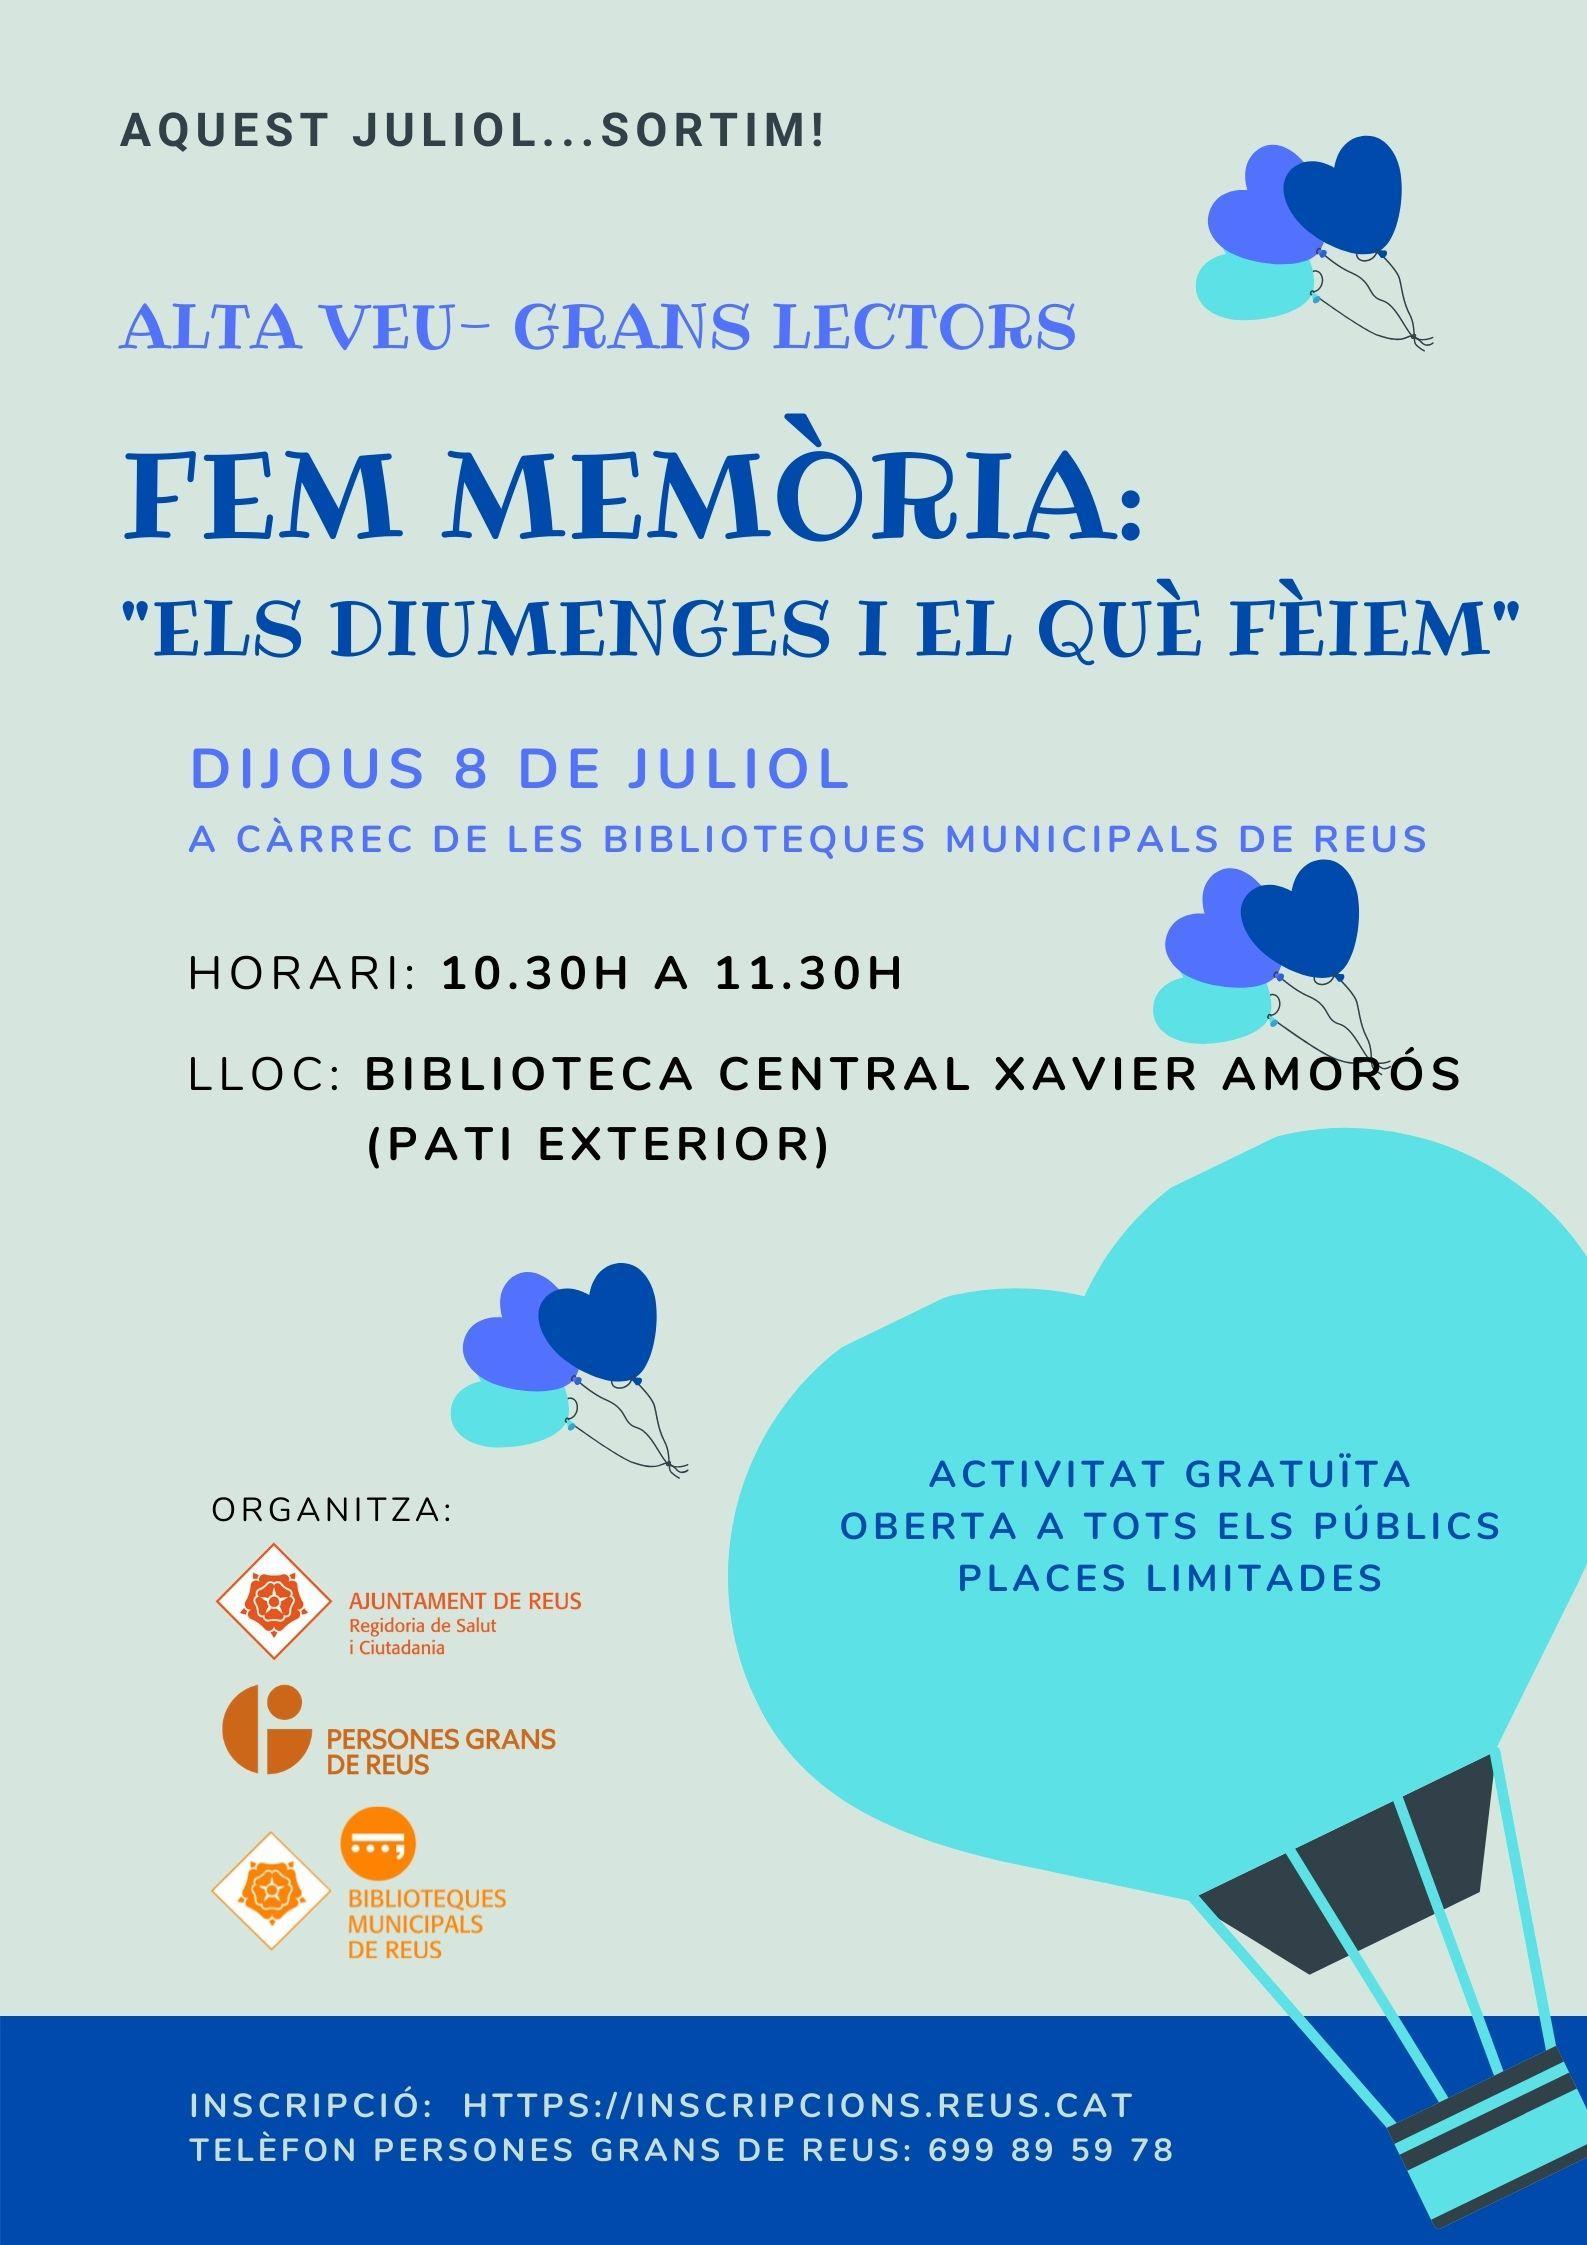 ALTA VEU - GRANS LECTORS: FEM MEMÒRIA. - ADREÇAT A PERSONES GRANS DE REUS.